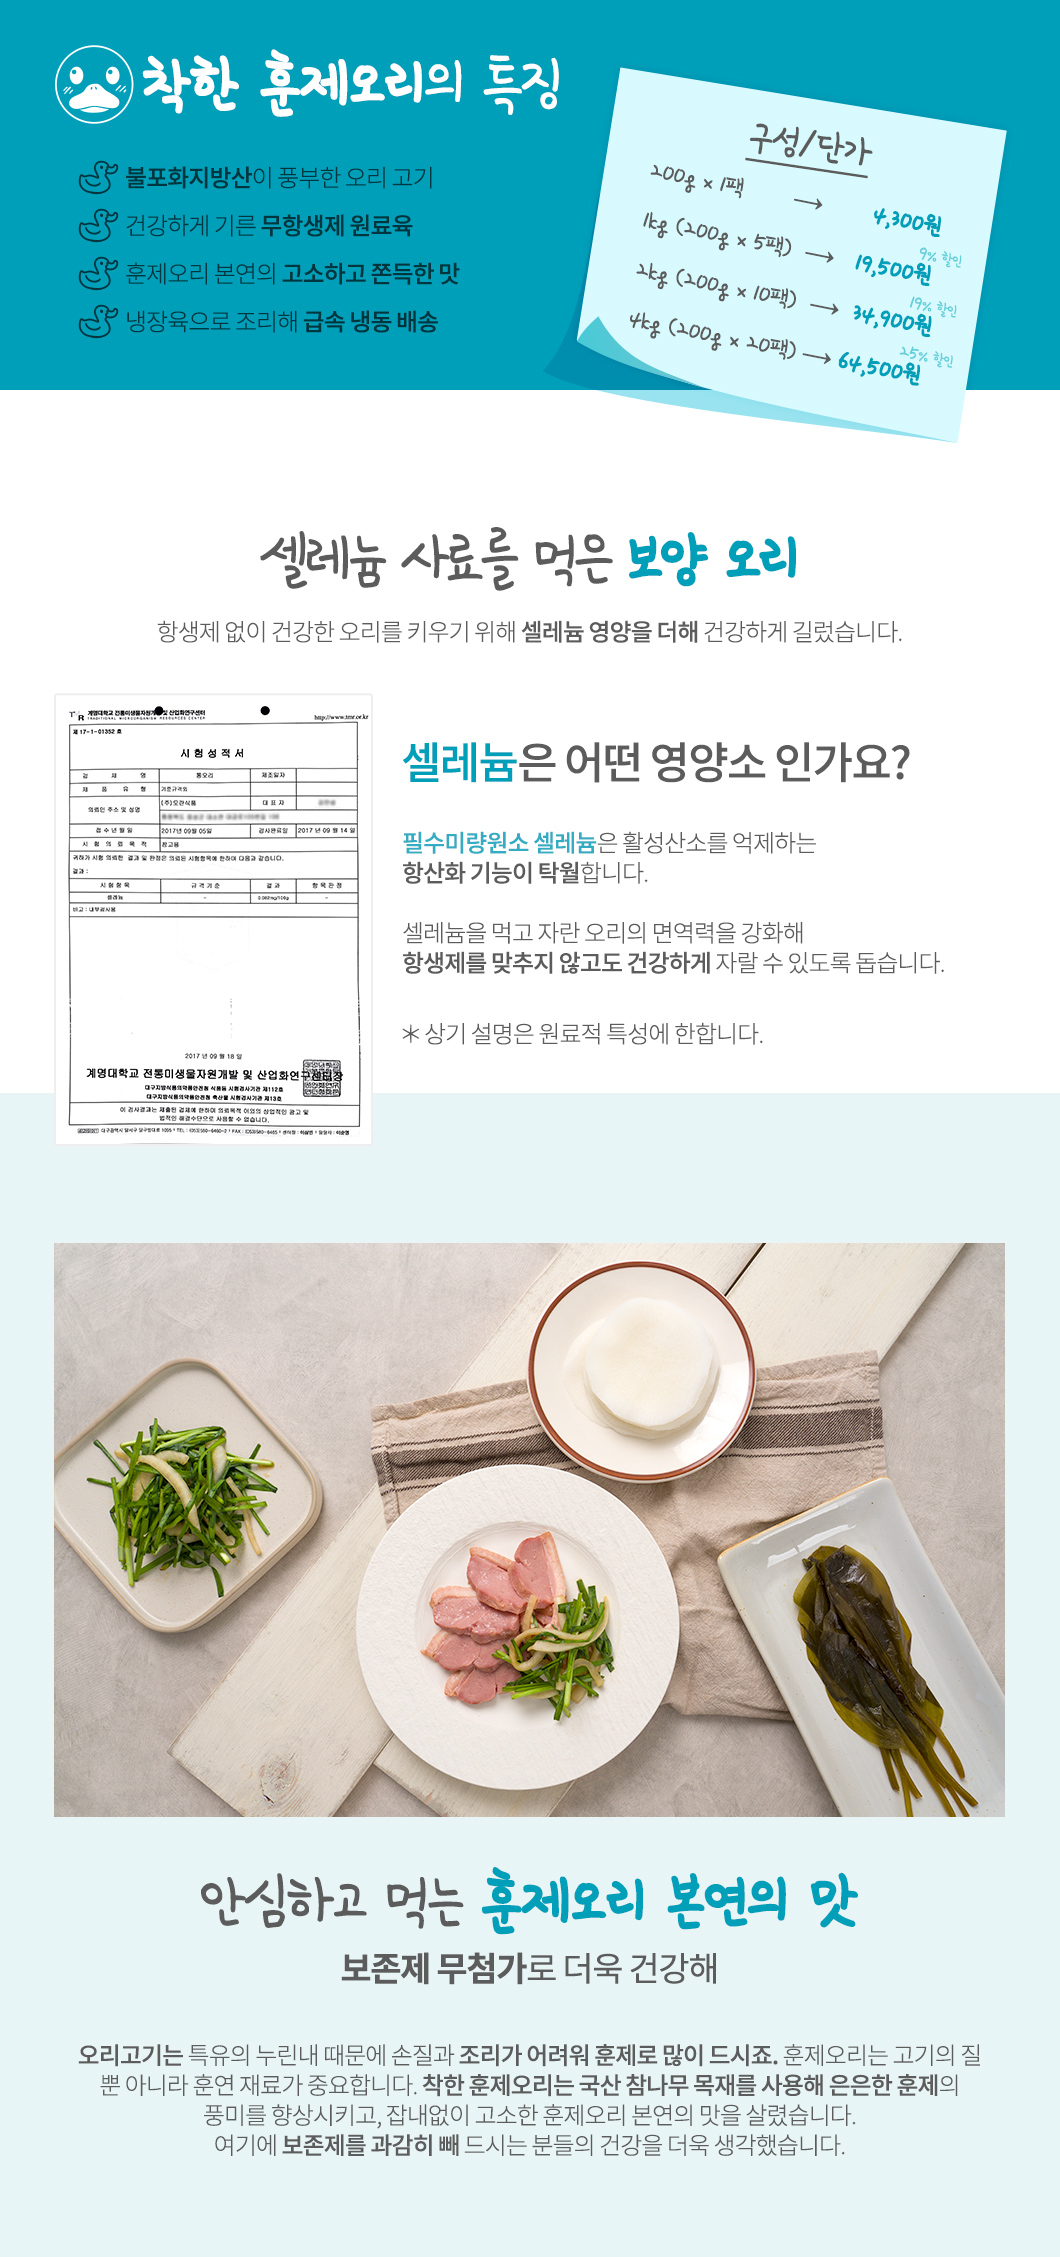 417_착한훈제오리_상세이미지_02.jpg